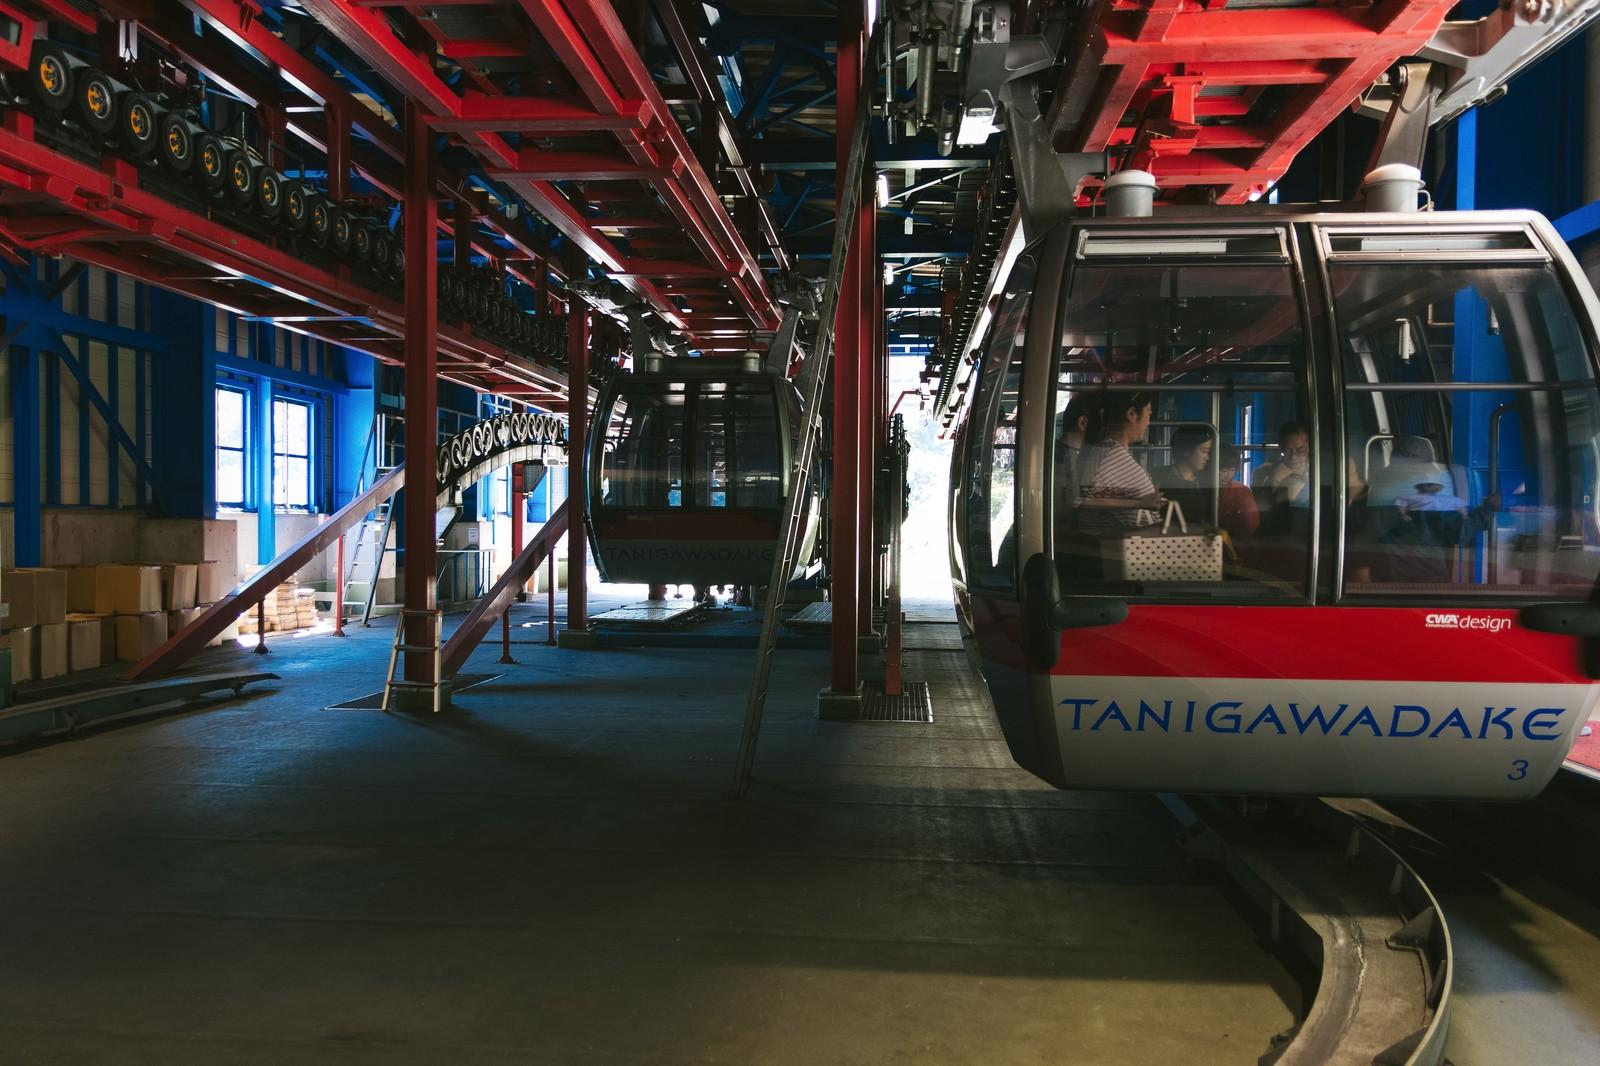 日本平ロープウェイで絶景を楽しむ!アクセスや料金に駐車場は?